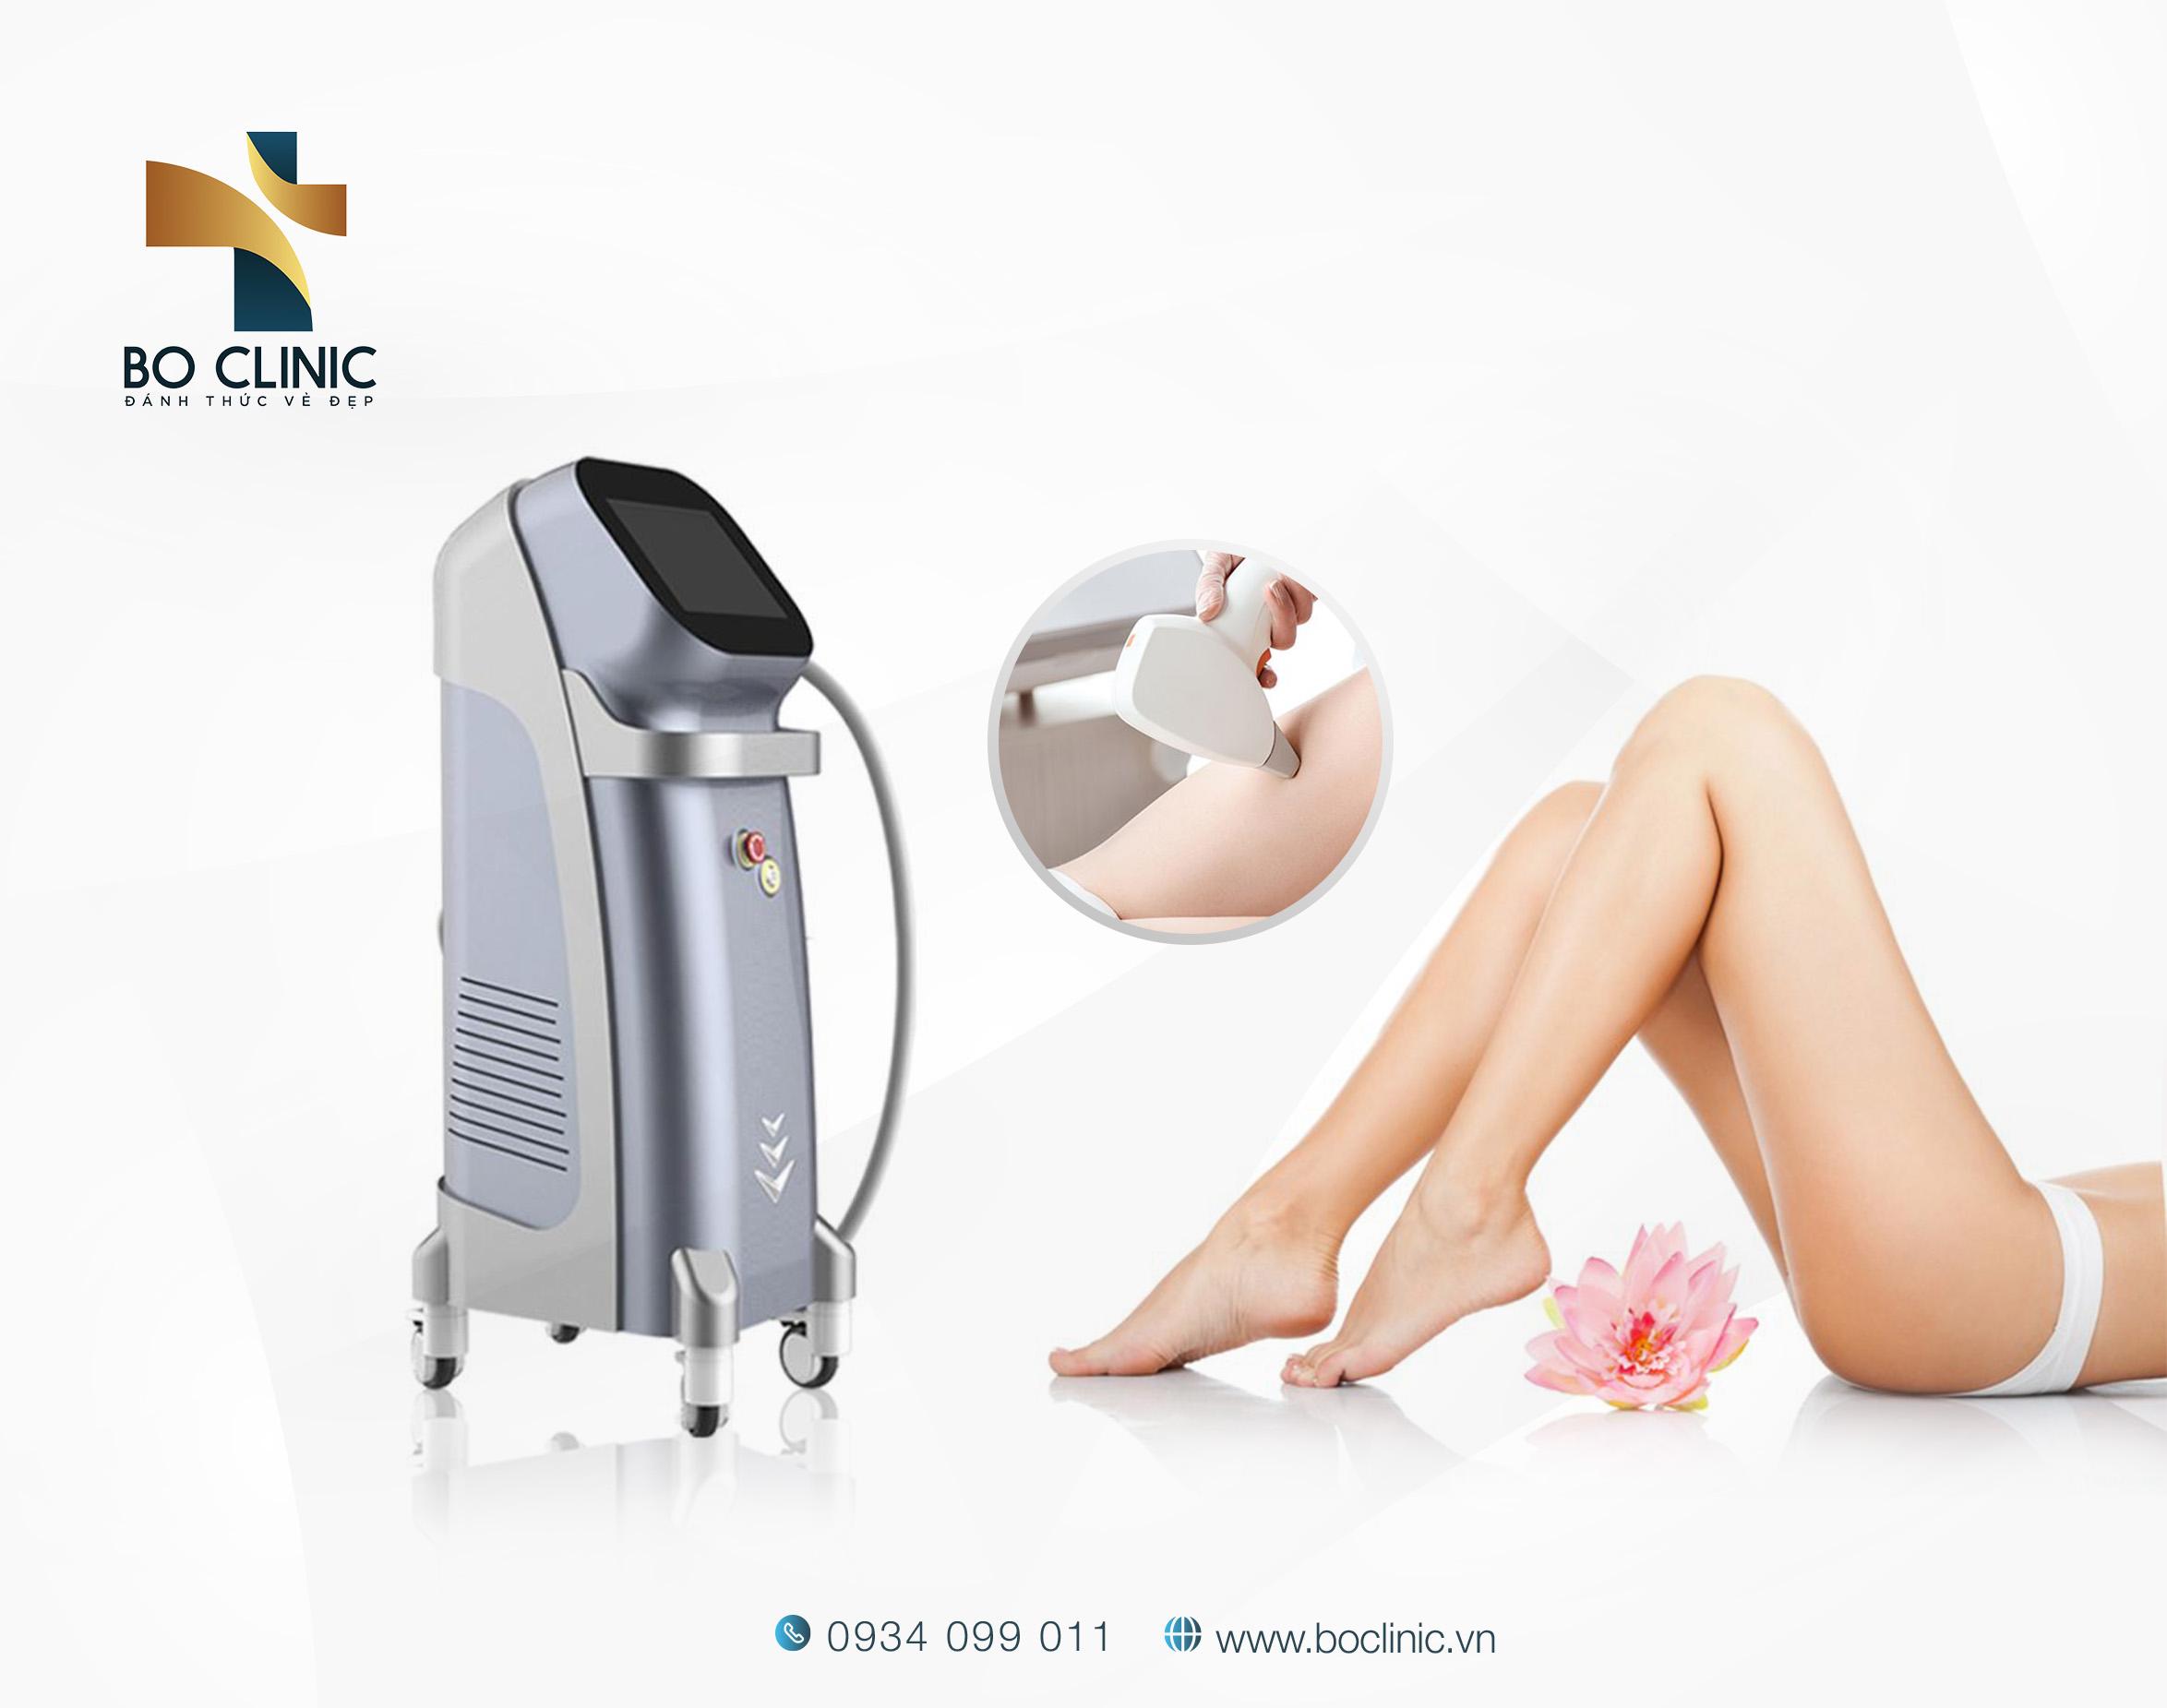 Bo Clinic triệt lông hiệu quả nhanh bằng công nghệ ánh sáng được các chuyên gia Hoa Kỳ thừa nhận, không gây nên bất kỳ tổn thương nào cho da kể cả đối với làn da vô cùng nhạy cảm.